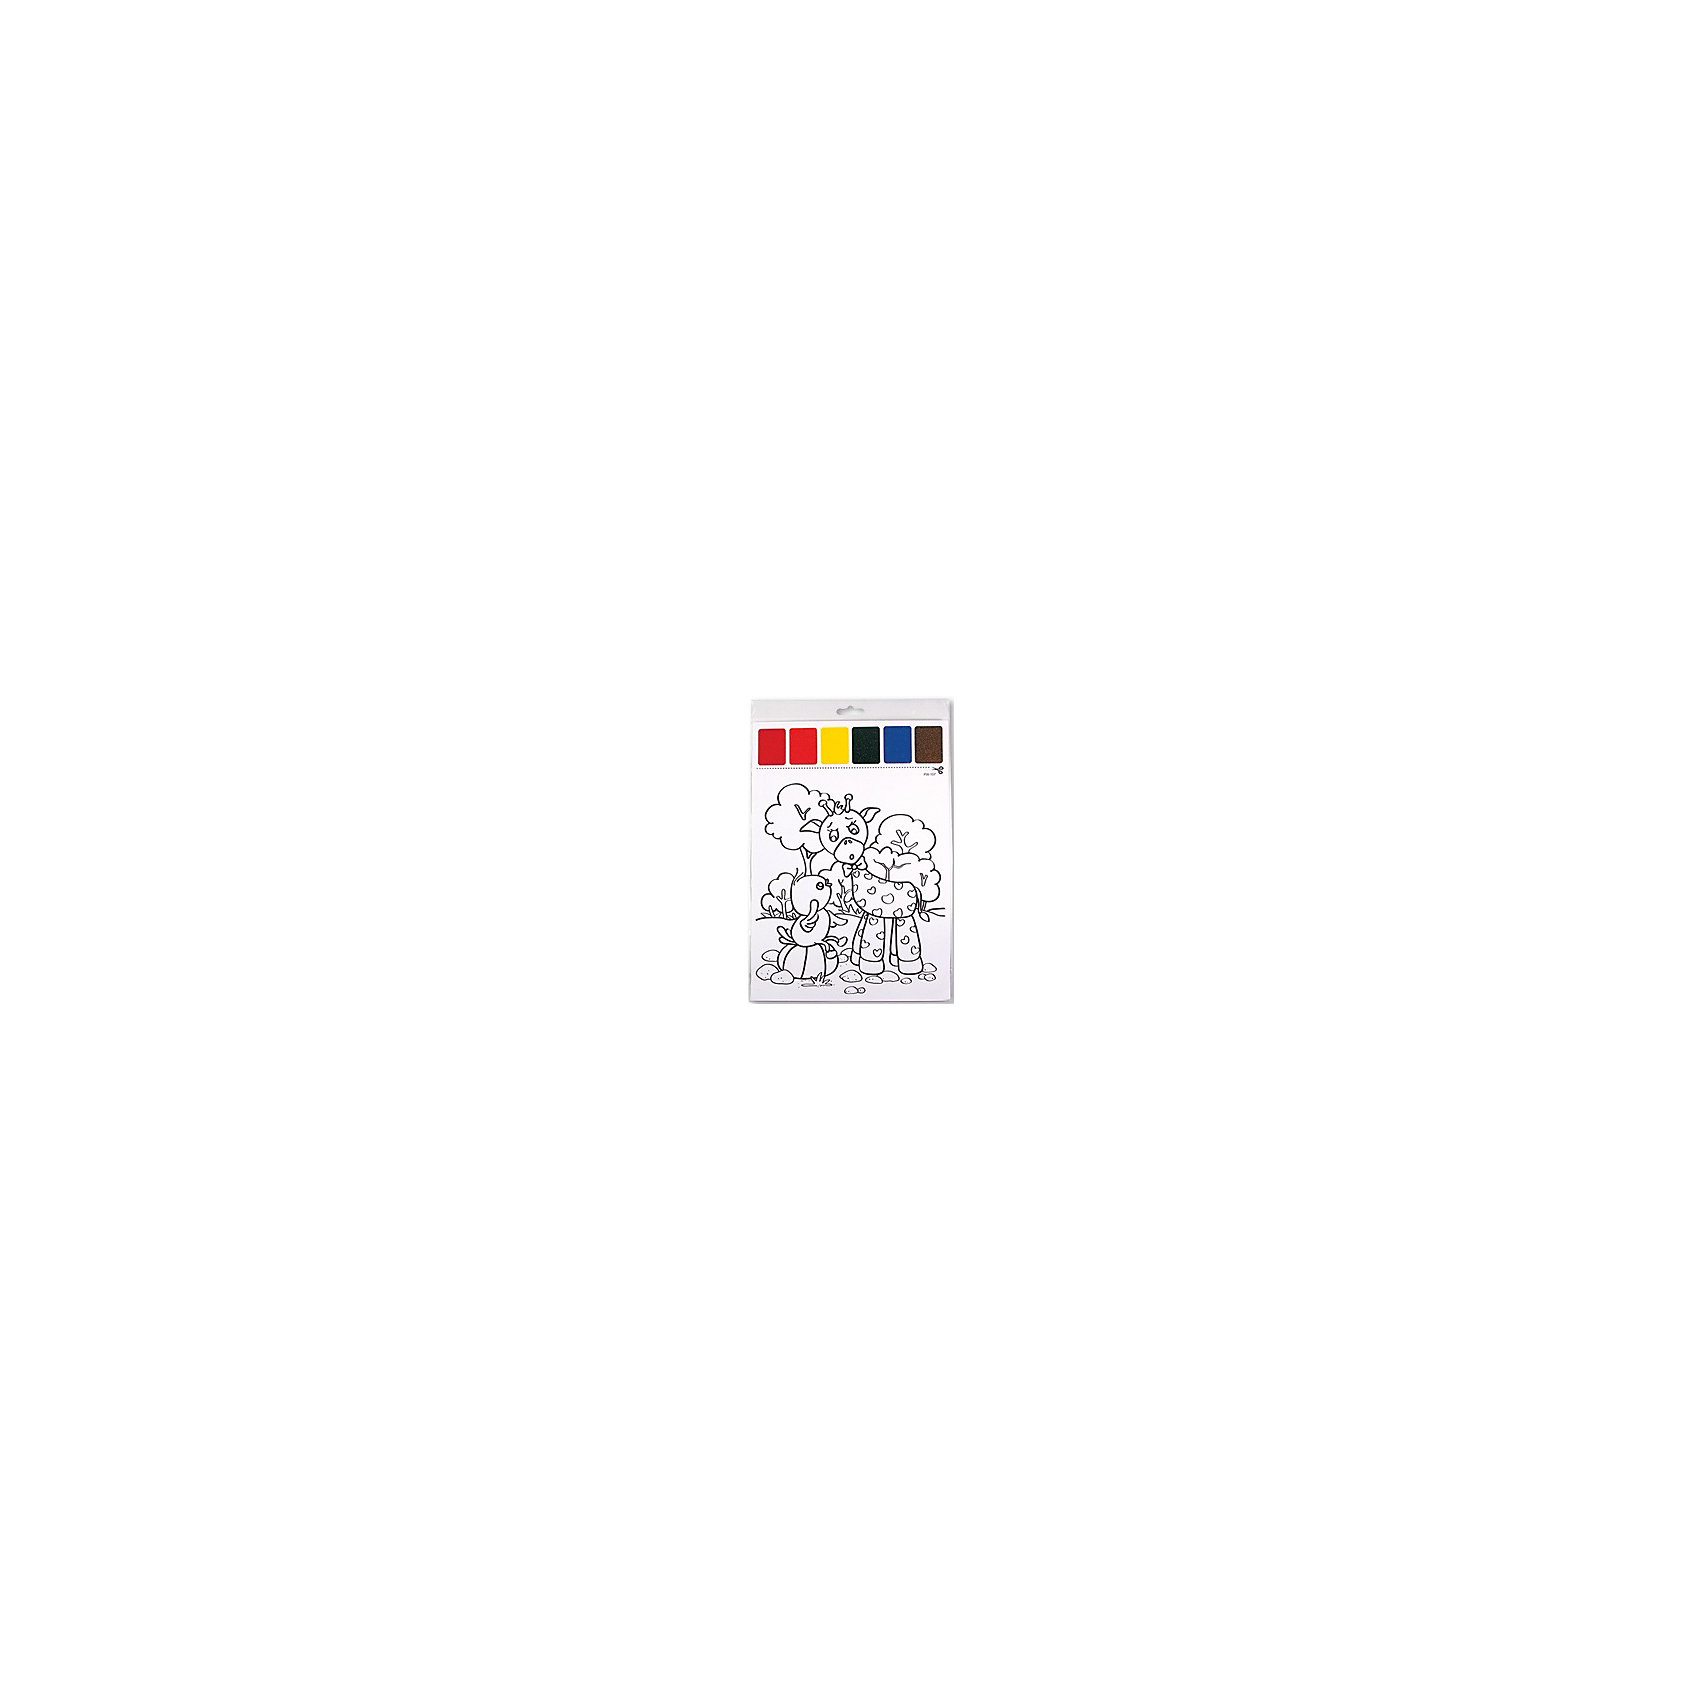 НабордляраскрашиванияакварельюВерныедрузья,скисточкойНабор для раскрашивания акварелью Верные друзья, с кисточкой - это увлекательный набор для творчества.<br>С помощью набора для раскрашивания акварелью Верные друзья ваш малыш  создаст яркую картину с изображением забавного жирафа и цыпленка. Ребенок получит истинное удовольствие от погружения в процесс творчества, а созданная им картина, украсит интерьер дома или станет прекрасным подарком. Набор для раскрашивания Верные друзья прекрасно развивает художественный вкус, аккуратность и внимание. Набор удобно брать с собой в дорогу, он не займет много места, все что вам потребуется – это немного воды.<br><br>Дополнительная информация:<br><br>- В наборе: картинка для раскрашивания с палитрой красок (29х21 см), кисточка<br>- Количество красок: 6<br>- Материал: бумага<br>- Размер упаковки:32х21,5 см.<br><br>Набор для раскрашивания акварелью Верные друзья, с кисточкой можно купить в нашем интернет-магазине.<br><br>Ширина мм: 320<br>Глубина мм: 215<br>Высота мм: 3<br>Вес г: 17<br>Возраст от месяцев: 36<br>Возраст до месяцев: 84<br>Пол: Унисекс<br>Возраст: Детский<br>SKU: 4623194